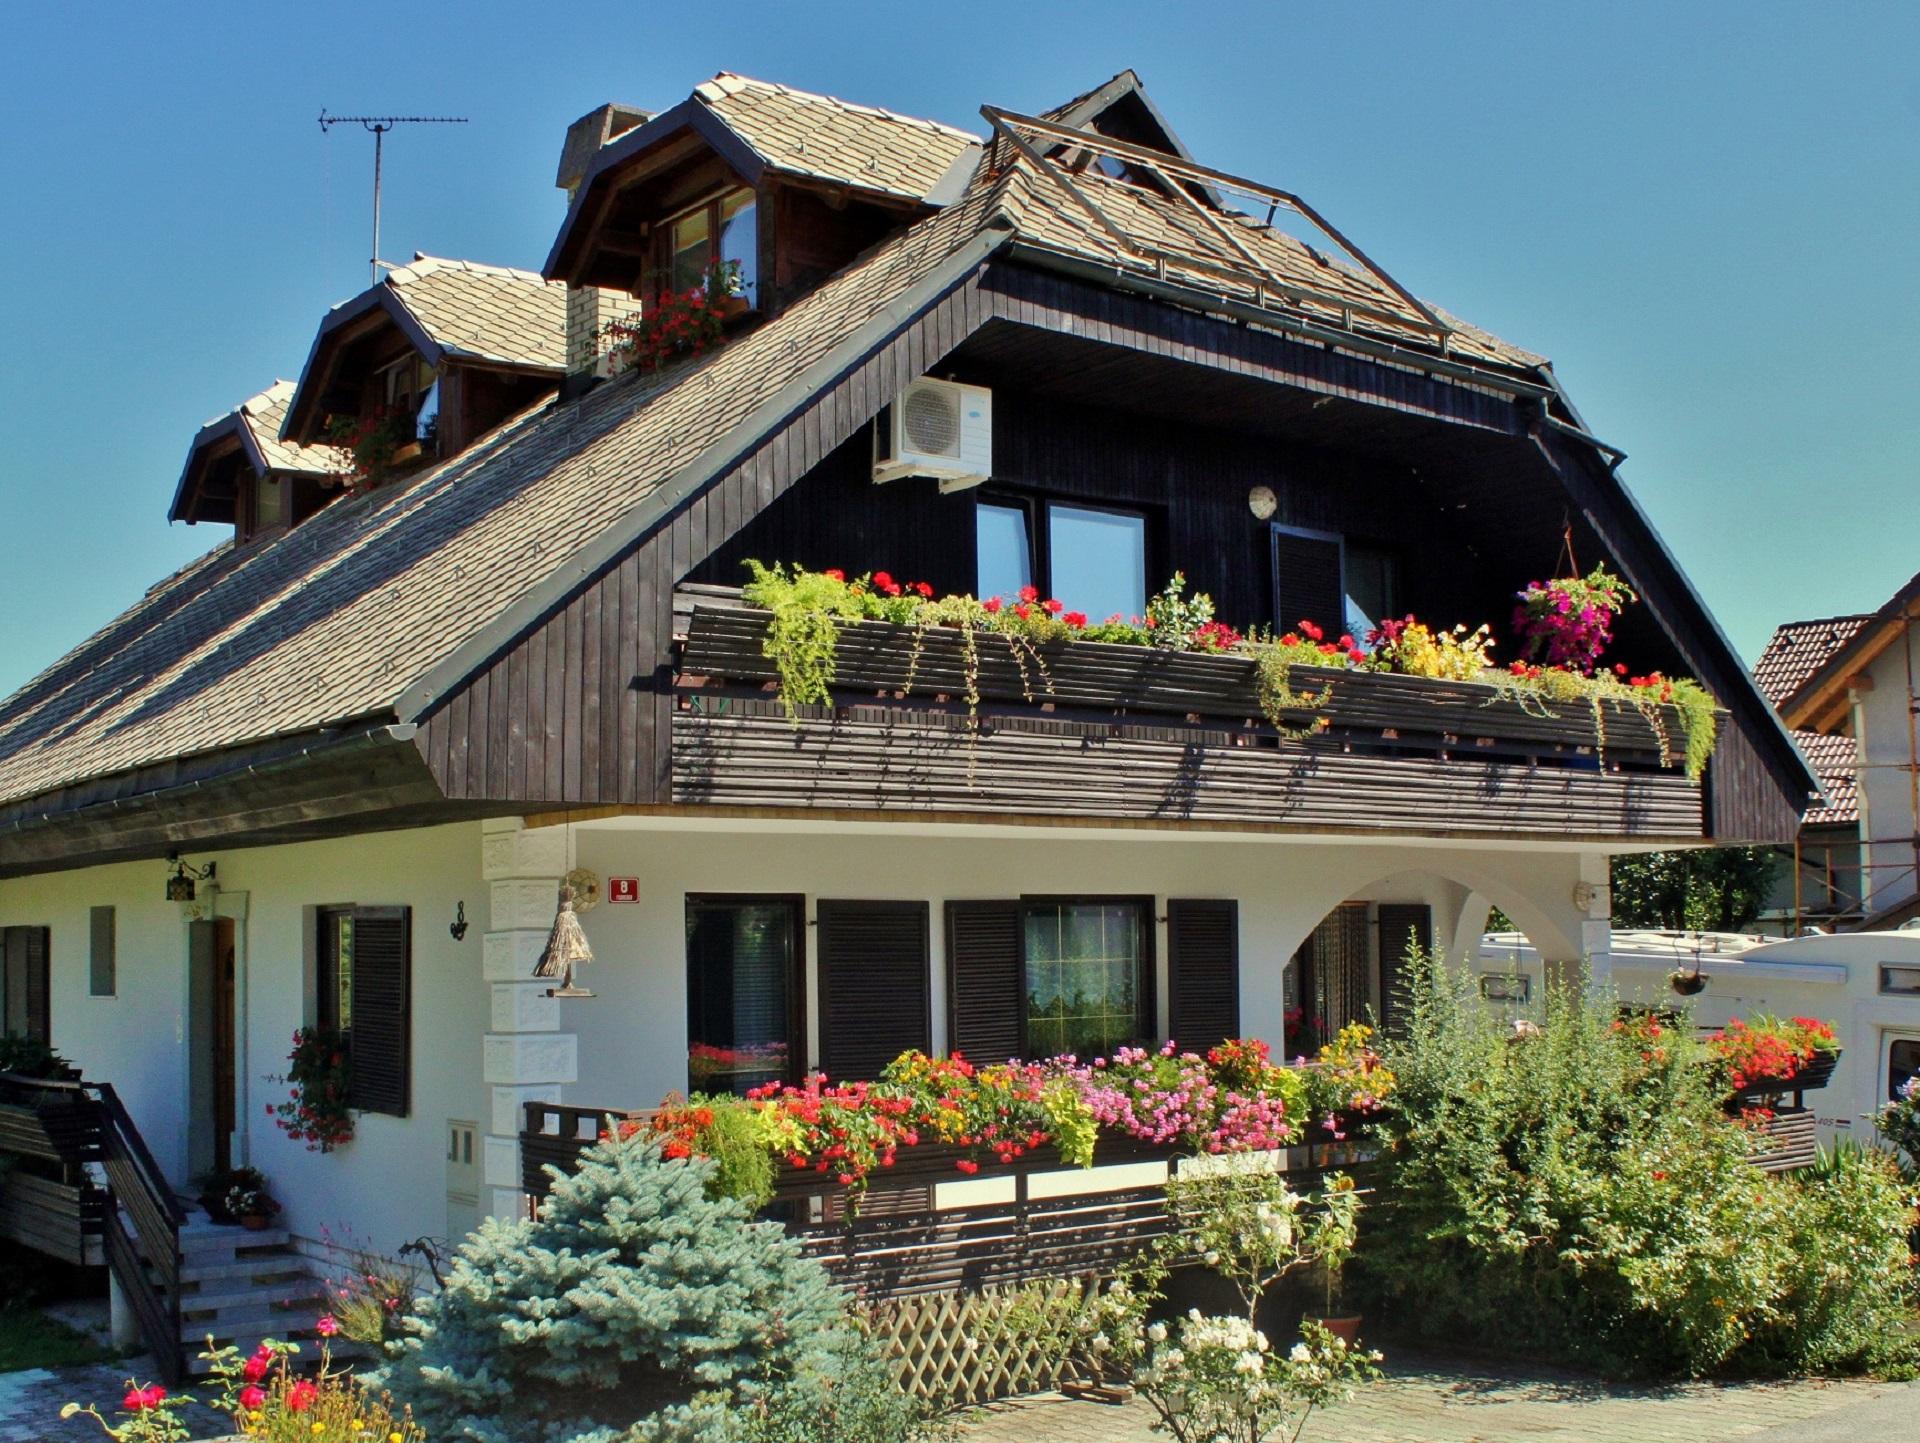 Konjarjeva hiša je med najlepšimi v Podrebri. Vidi se da v njej živi družina, ki ceni lepoto in naravo.